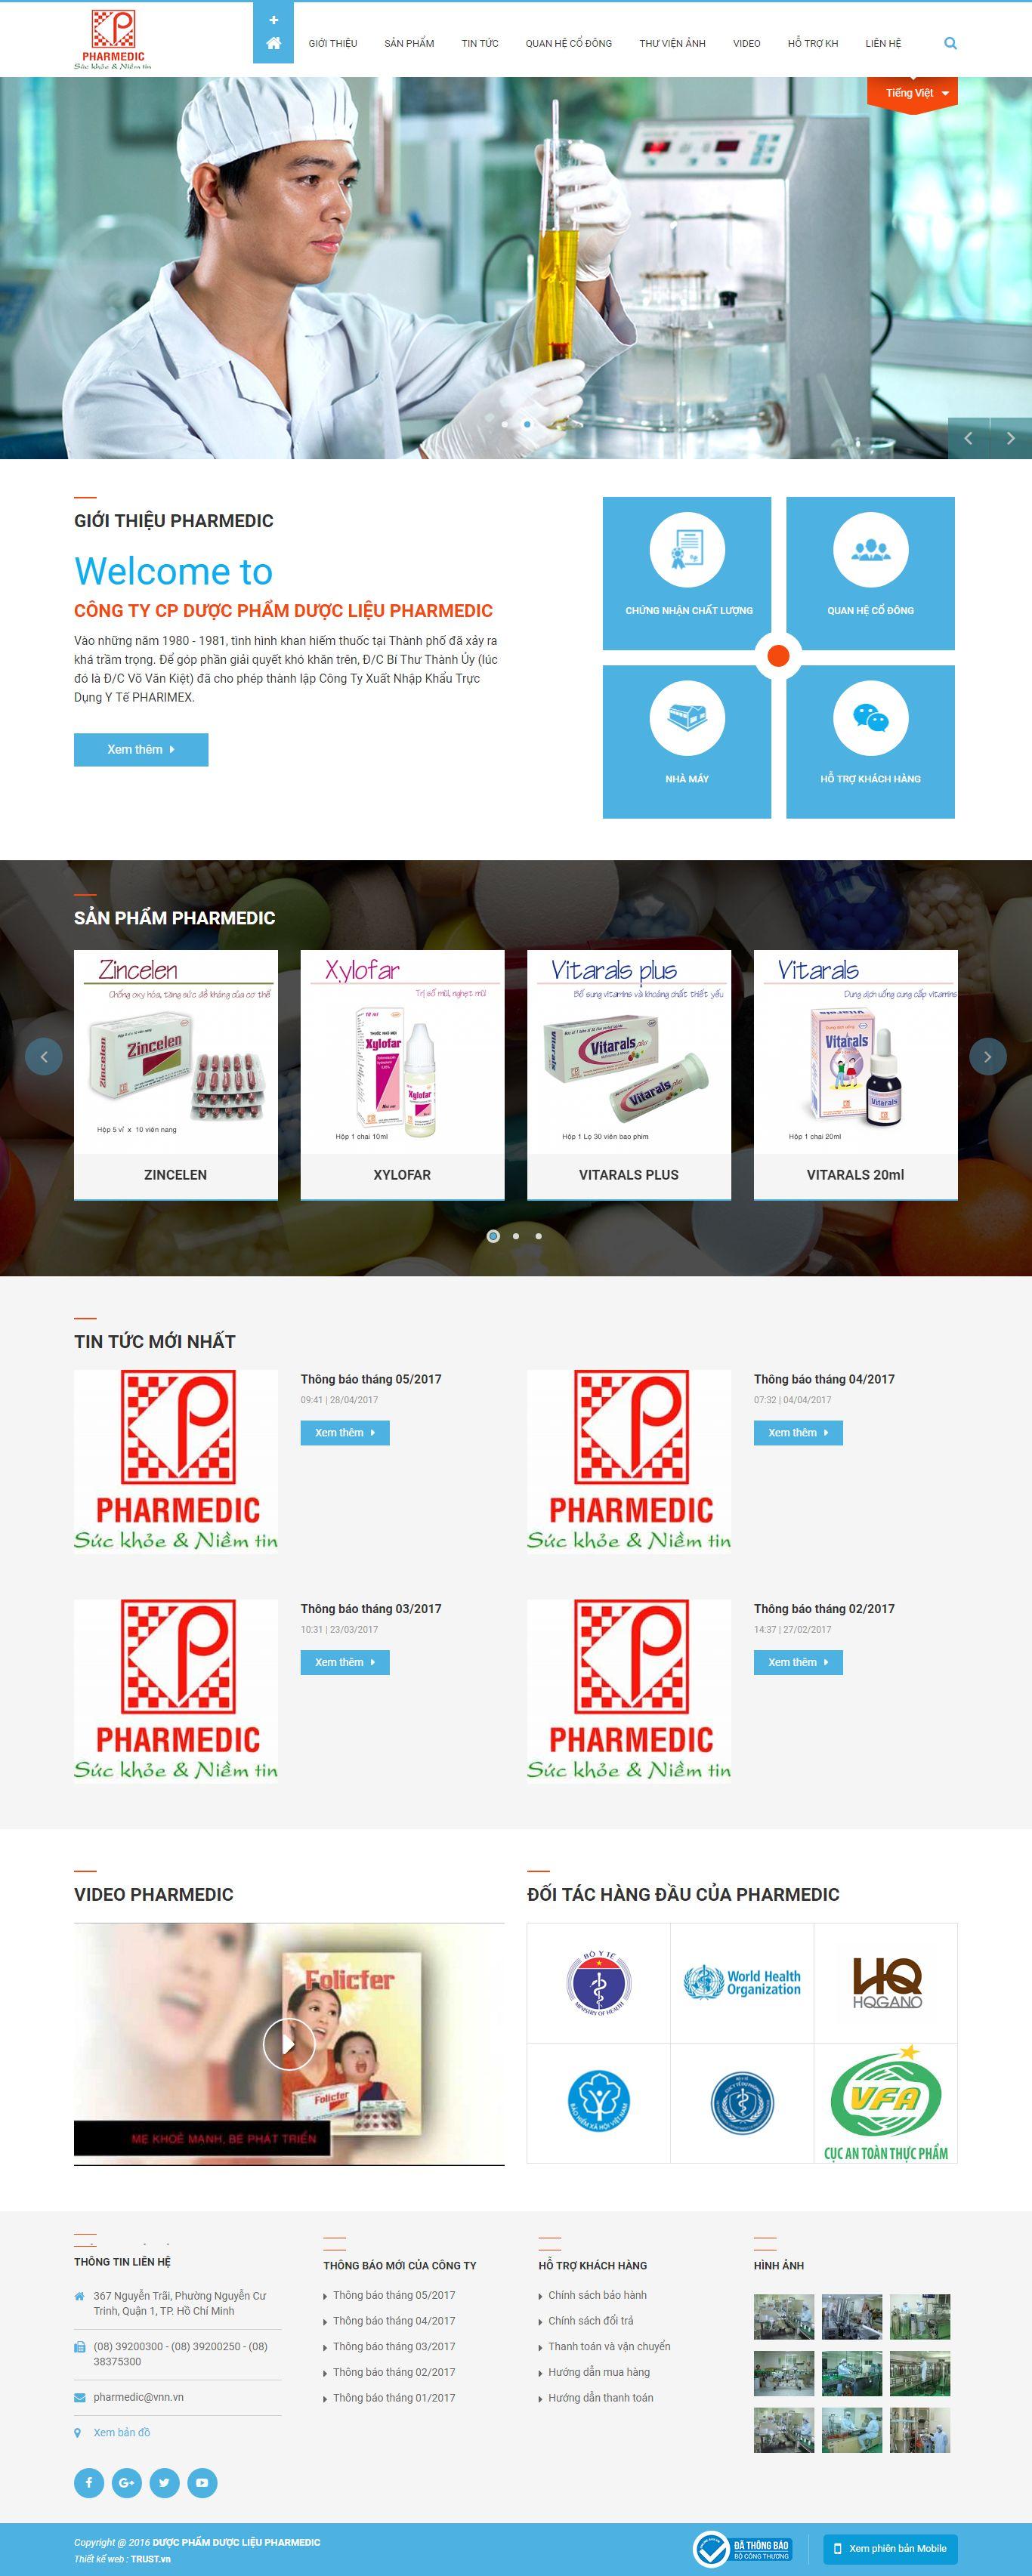 Thiết kế website dược phẩm pharmedic đẹp, chuyên nghiệp chuẩn SEO